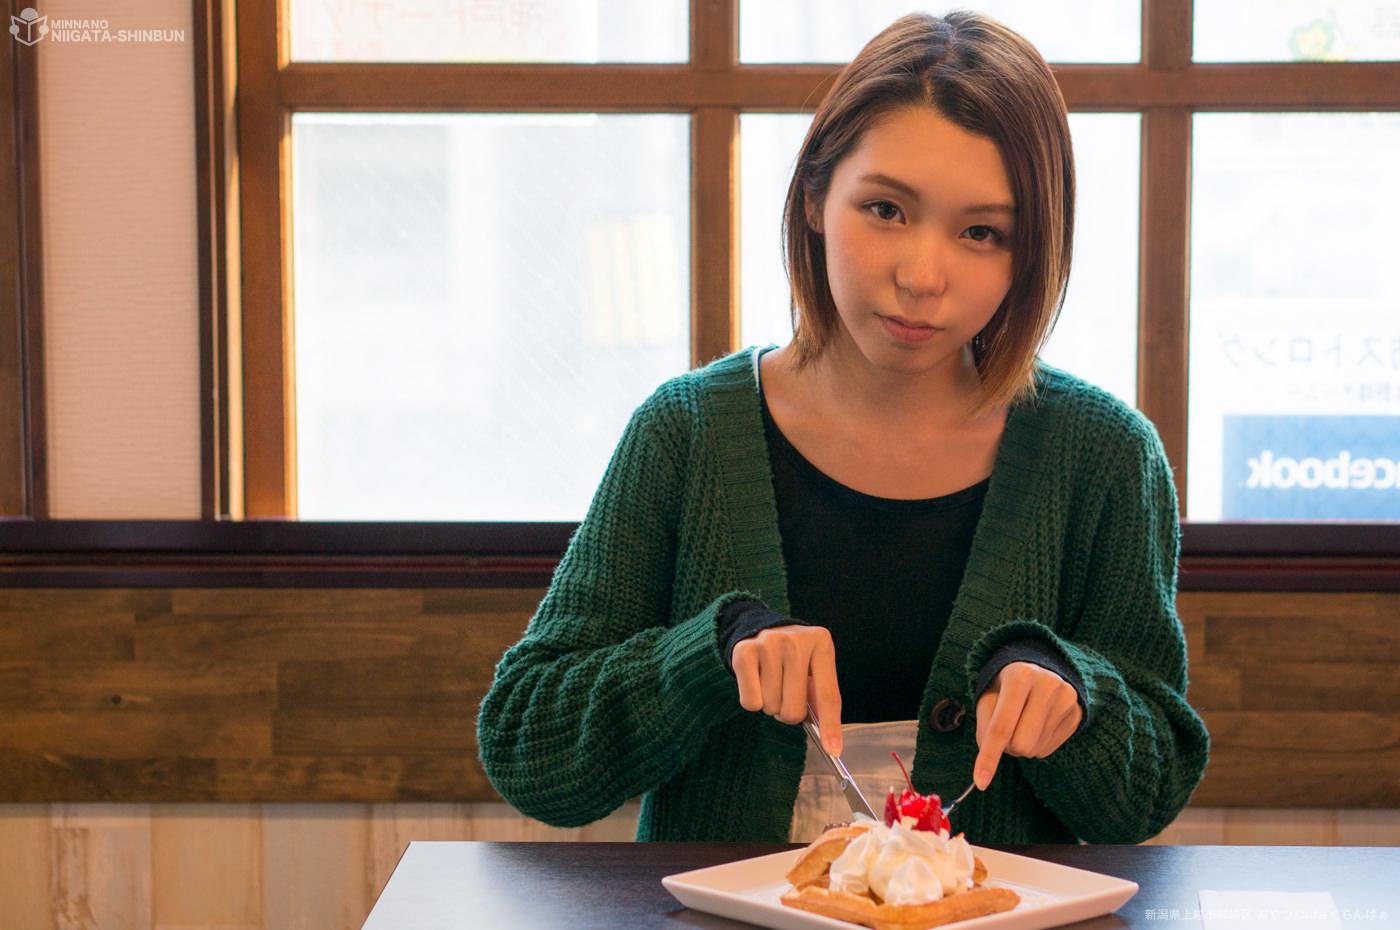 ワッフル(バニラアイス フルーツのせ)ぐらんばぁ,内山ひめかの写真